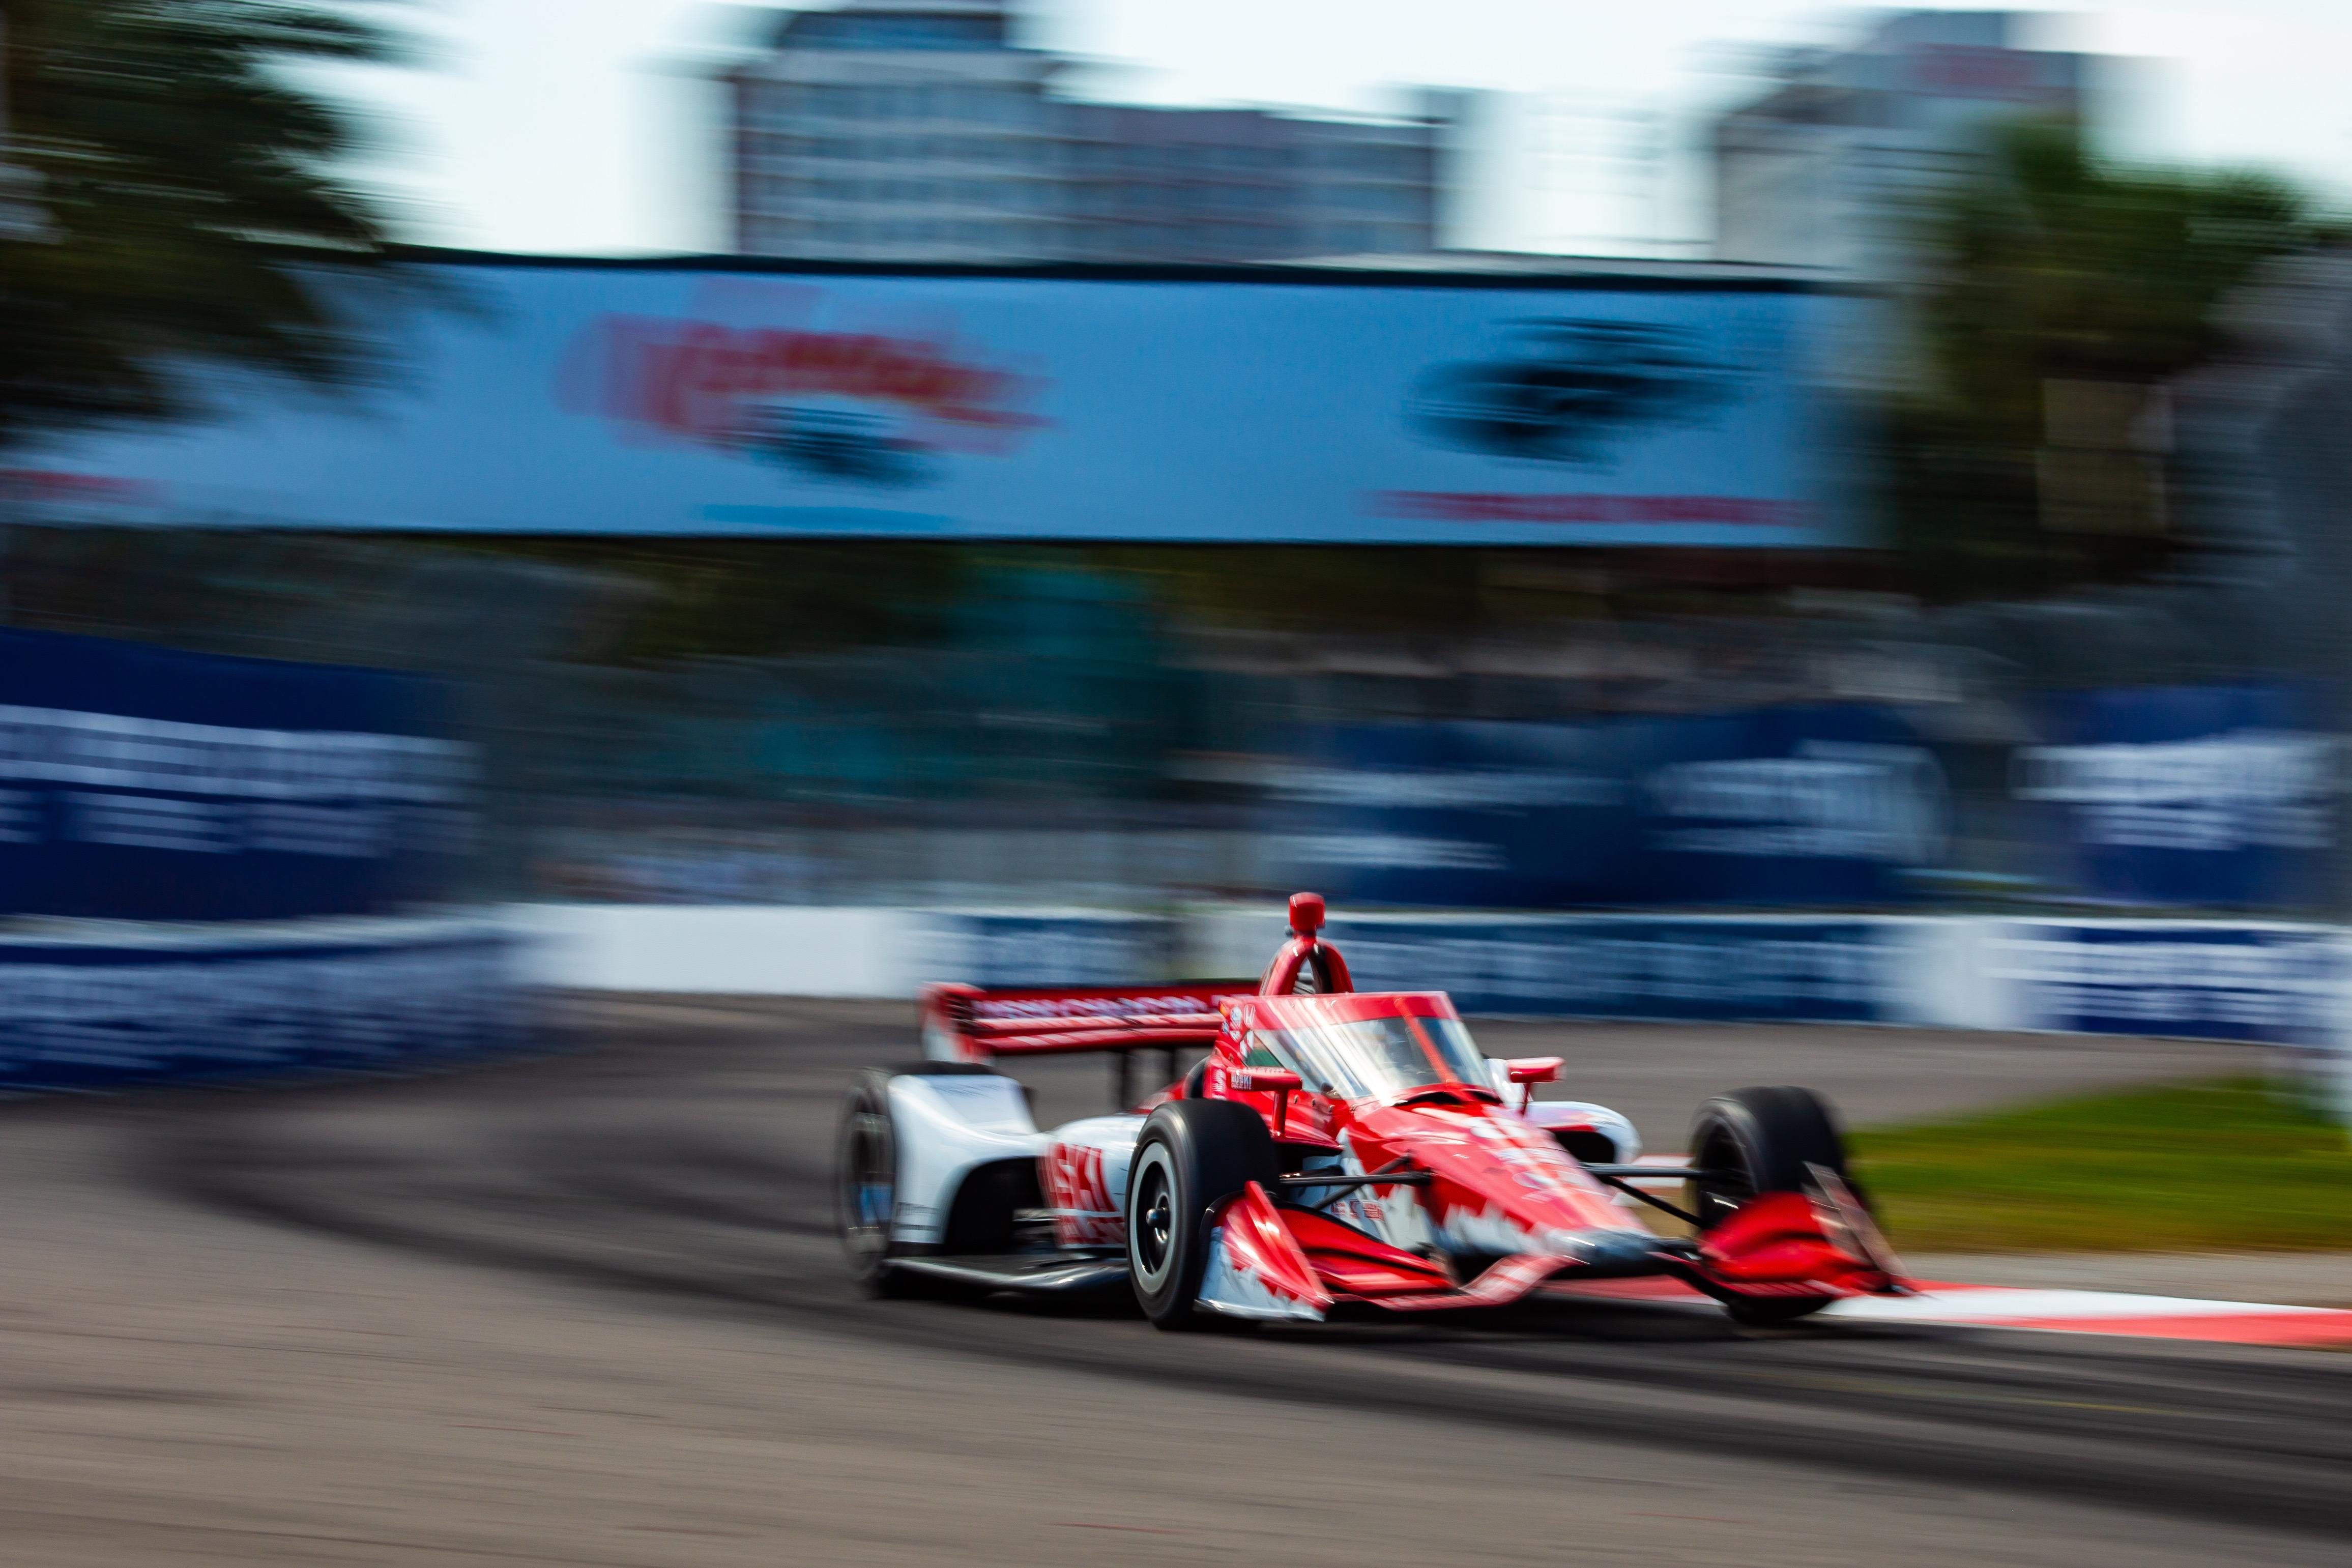 Marcus ericsson IndyCar 2020